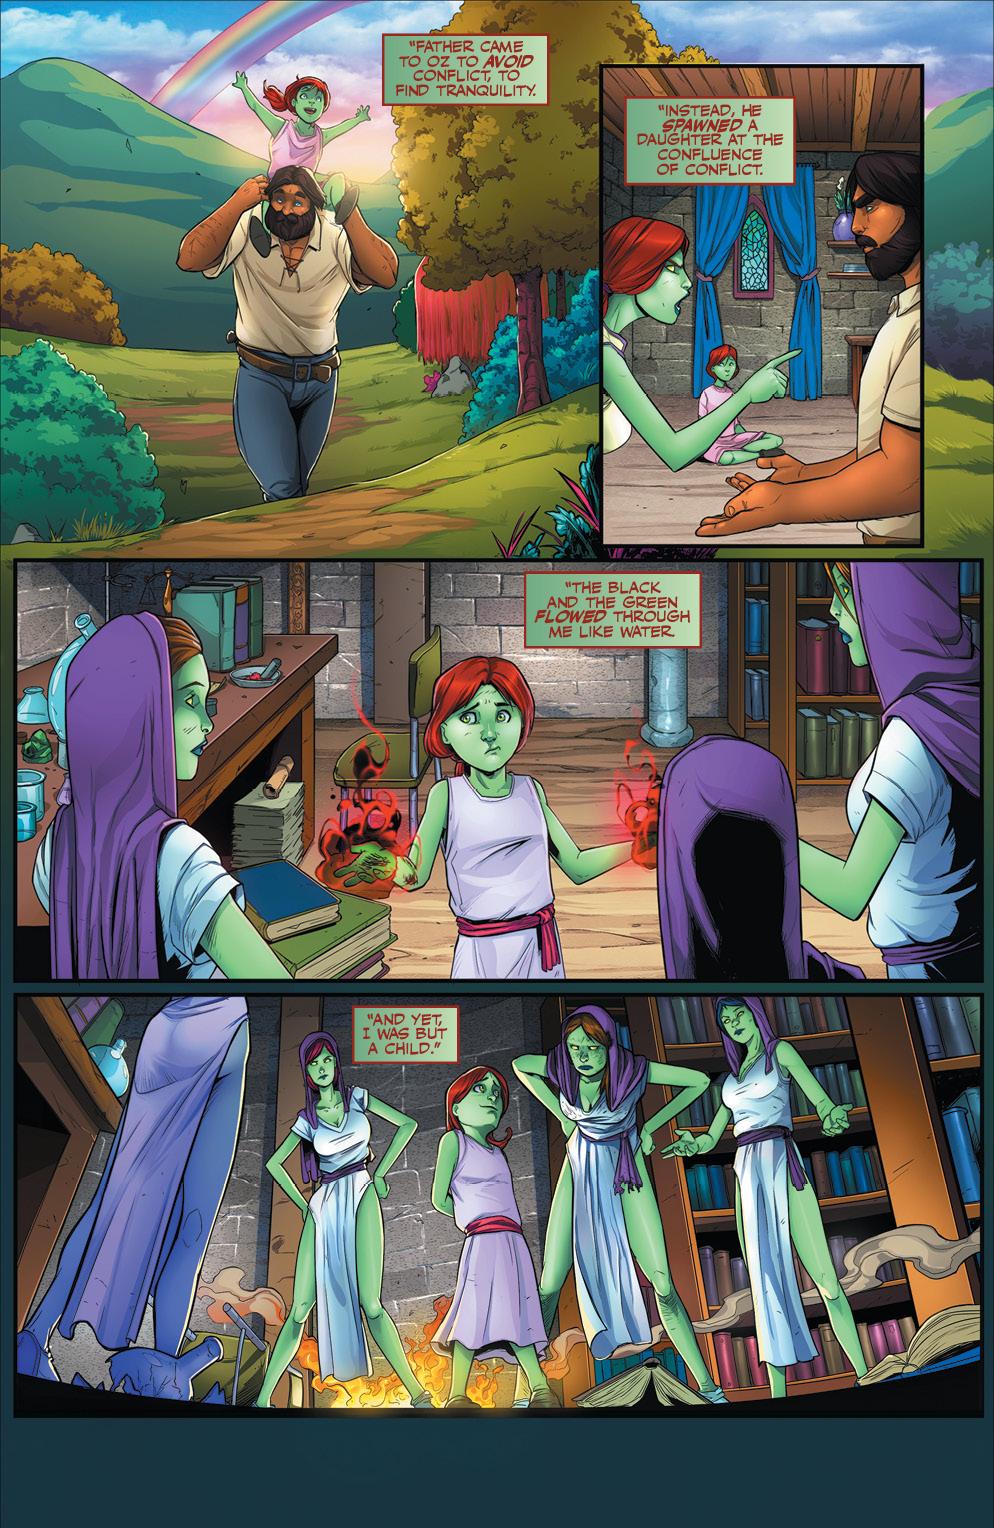 TFOZ06_page 6